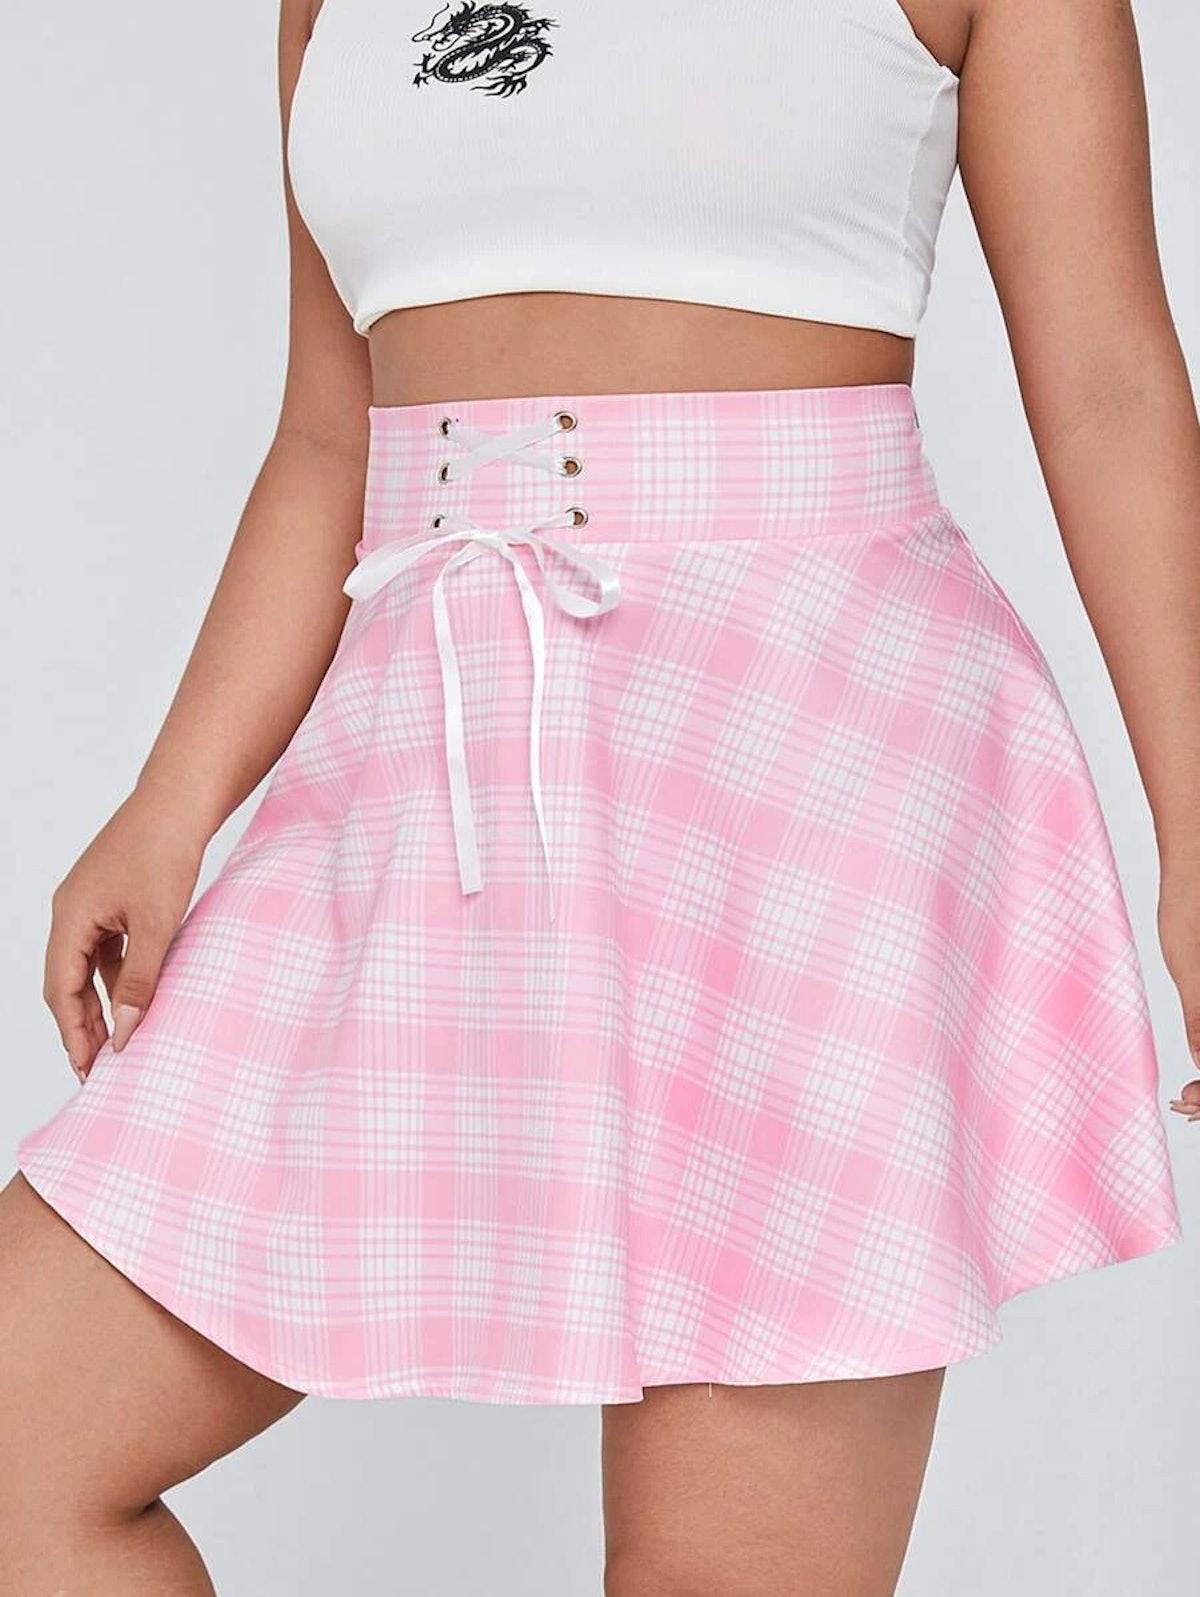 Plus Plaid Print Lace Up Front Zip Back Skirt